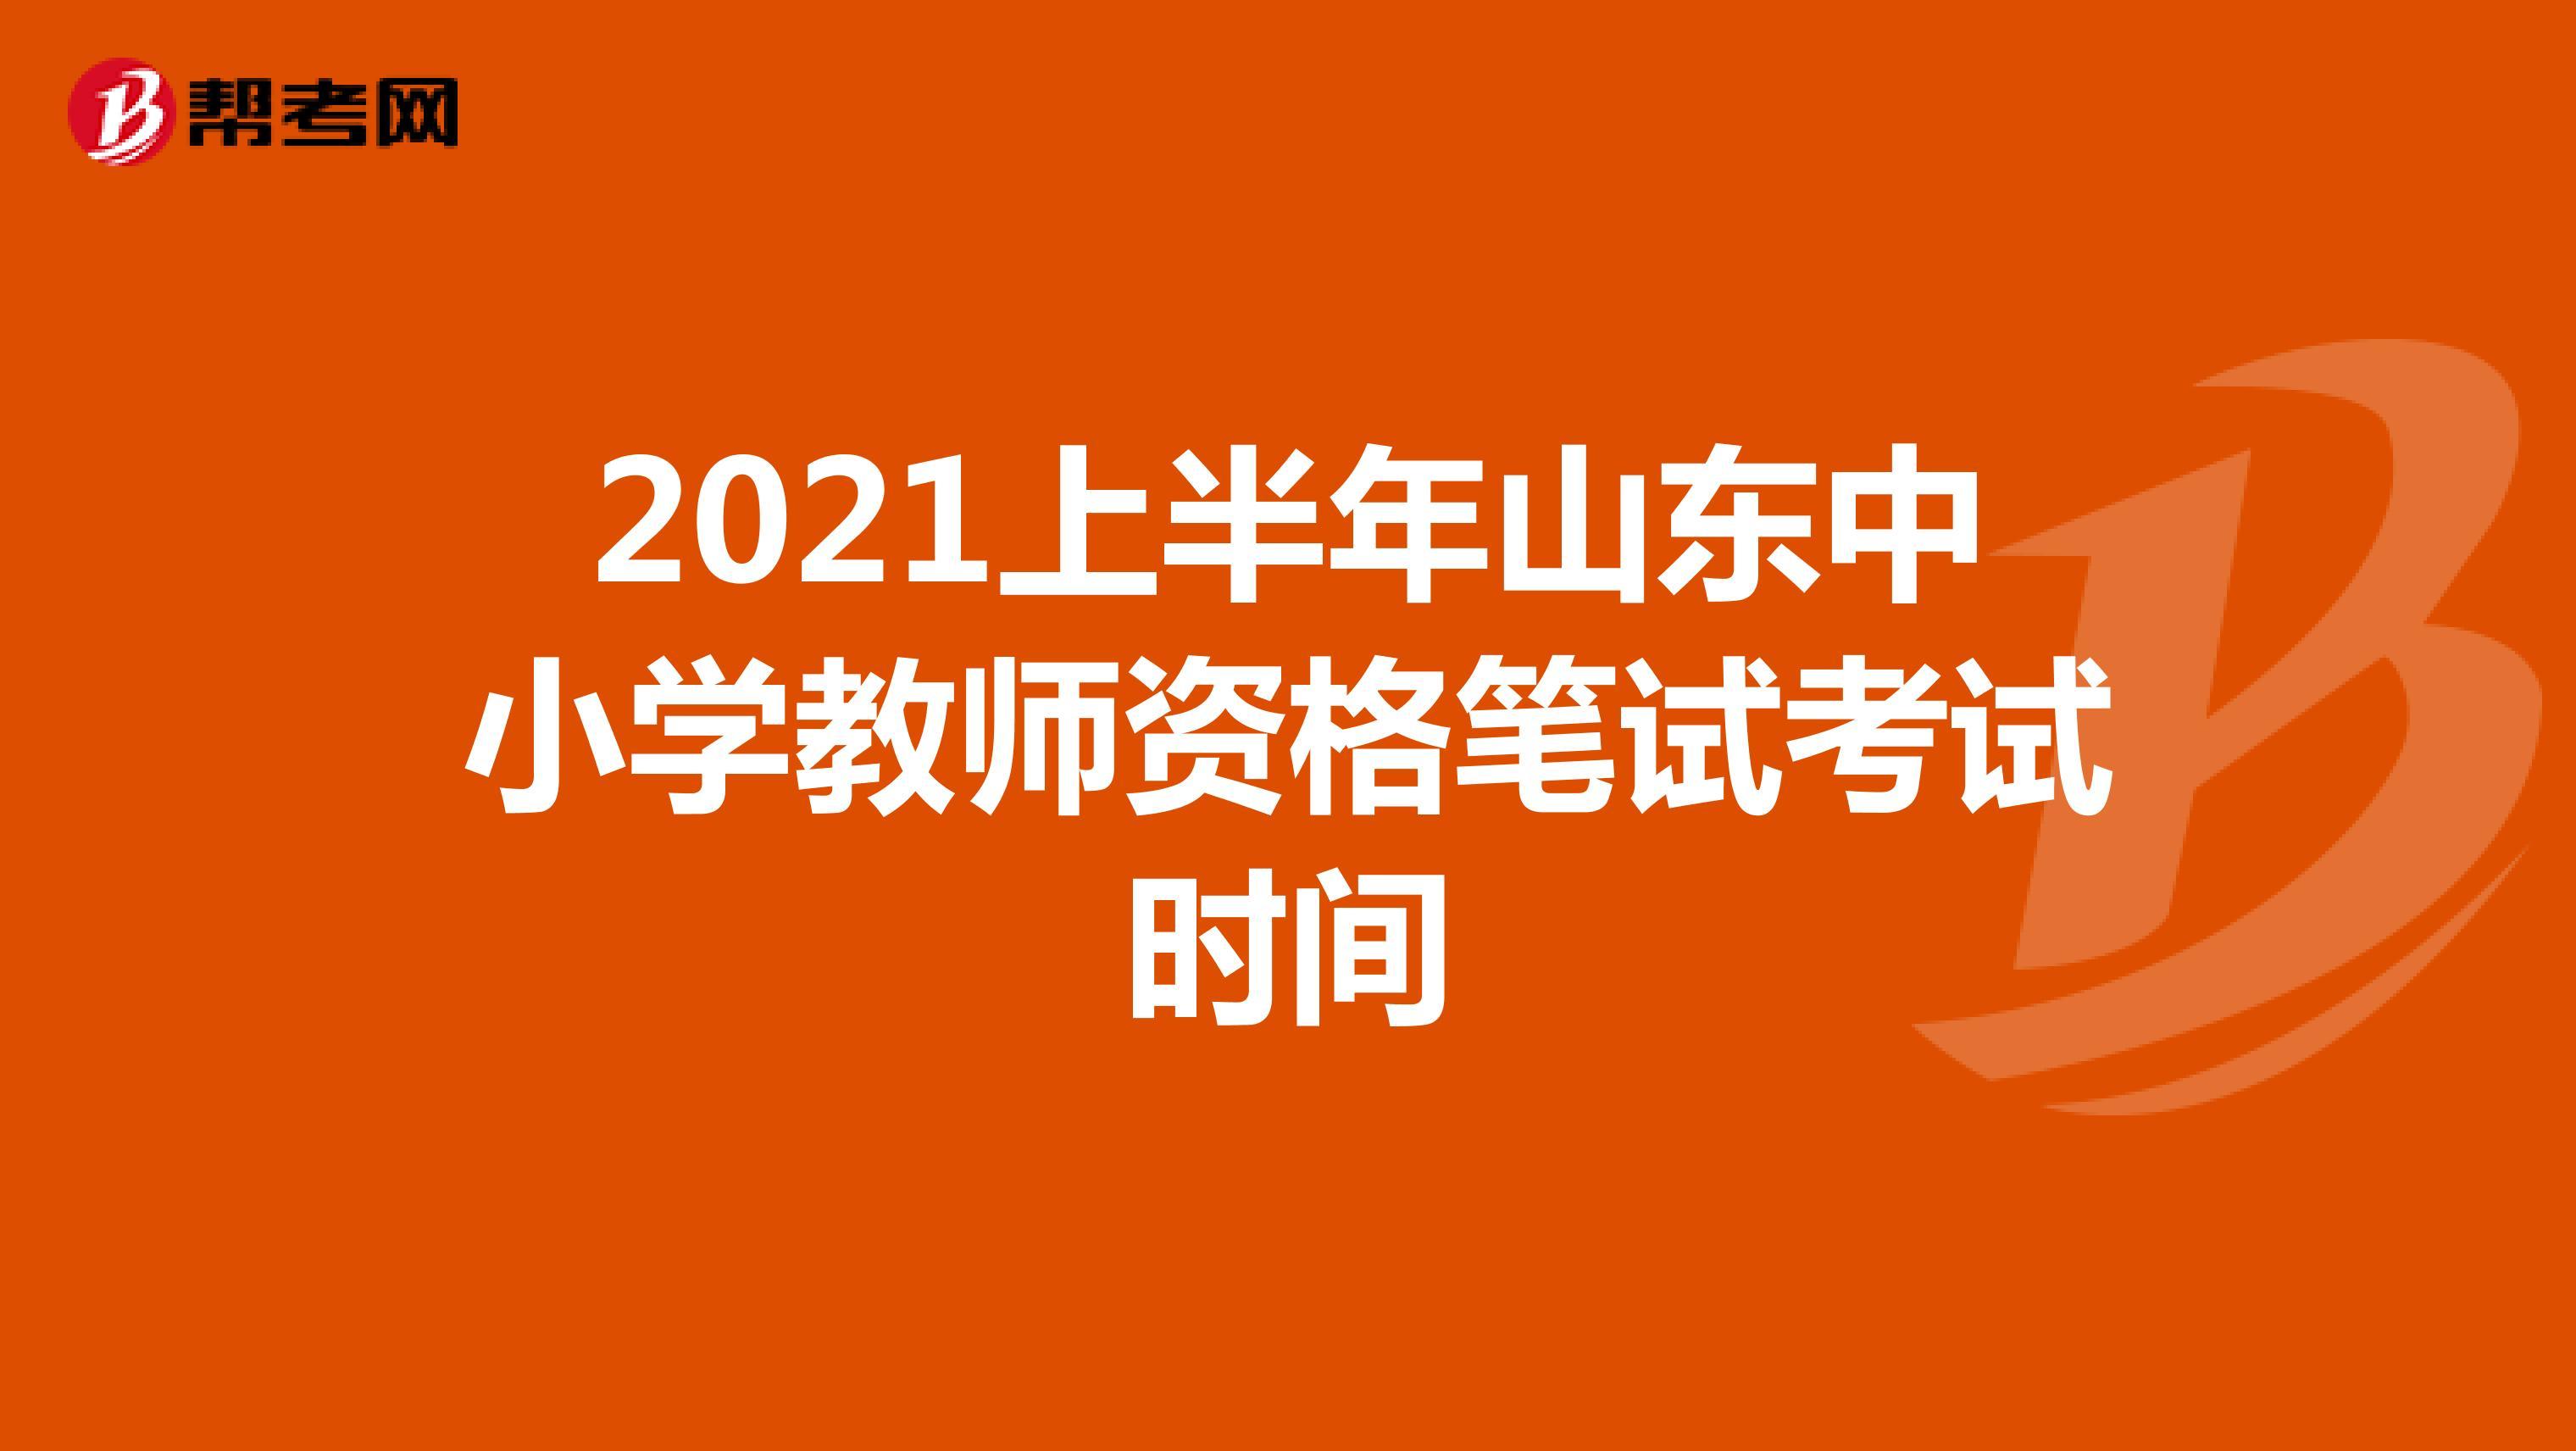 2021上半年山东中小学教师资格笔试考试时间